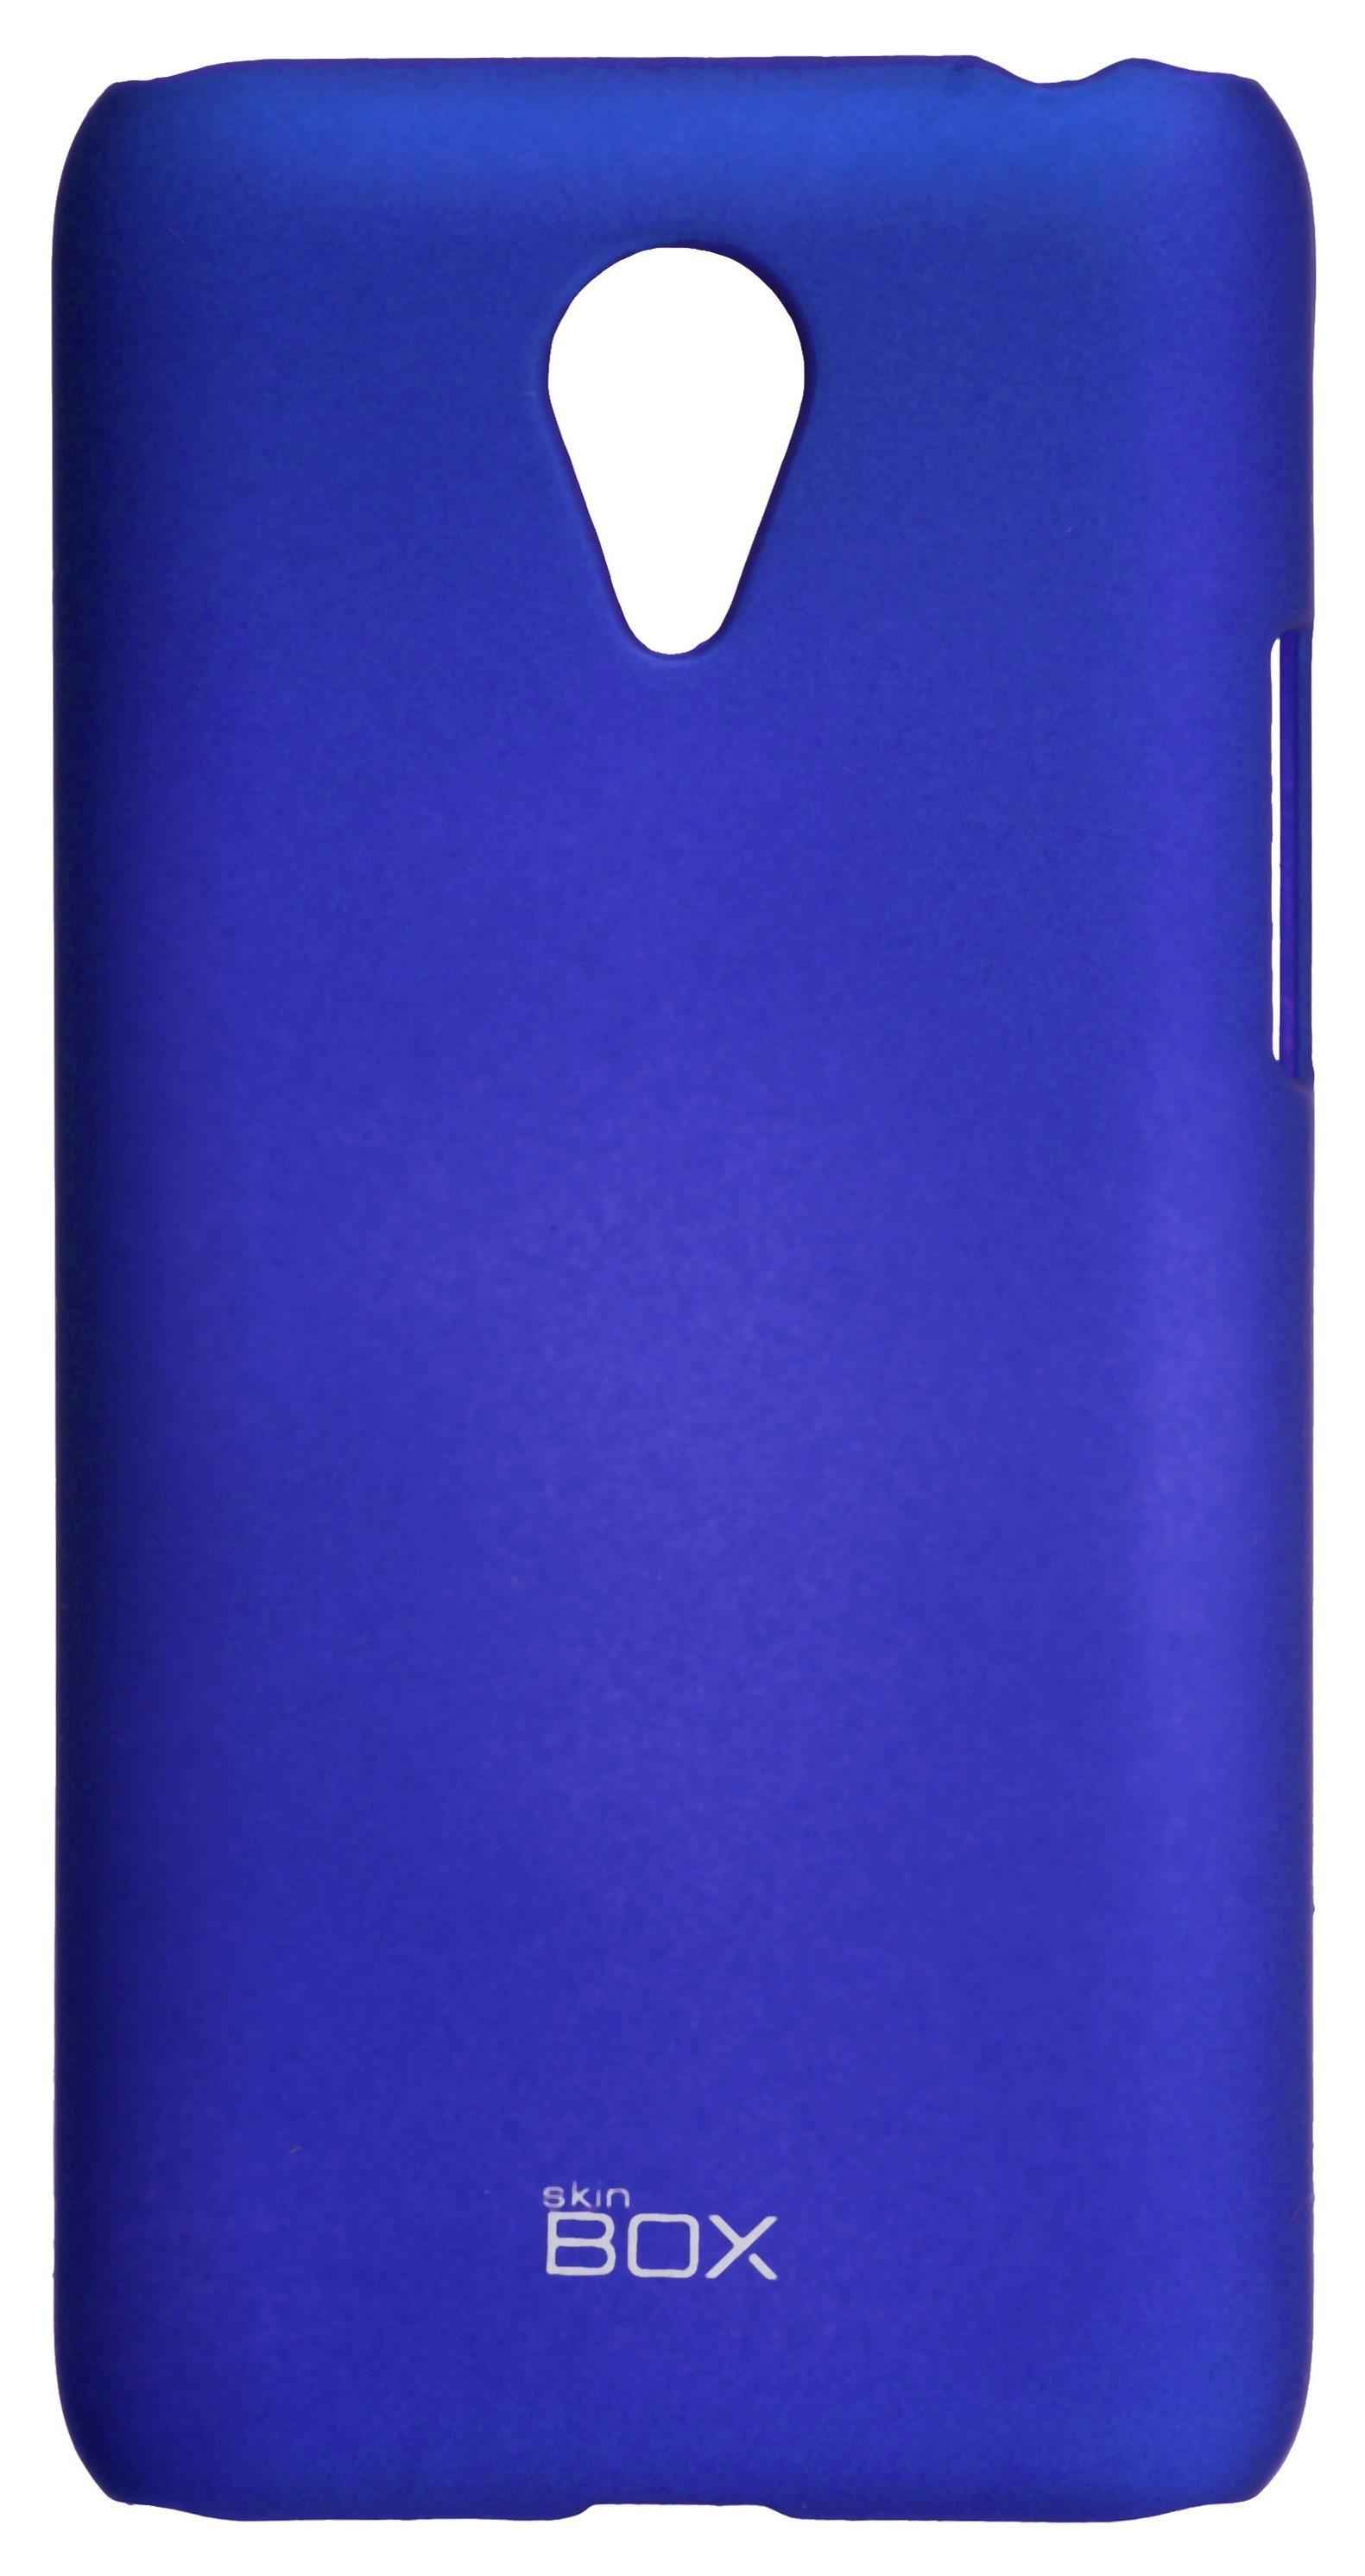 Чехол для сотового телефона skinBOX 4People, 4630042526914, синий чехол для sony e6683 xperia z5 skinbox 4people черный